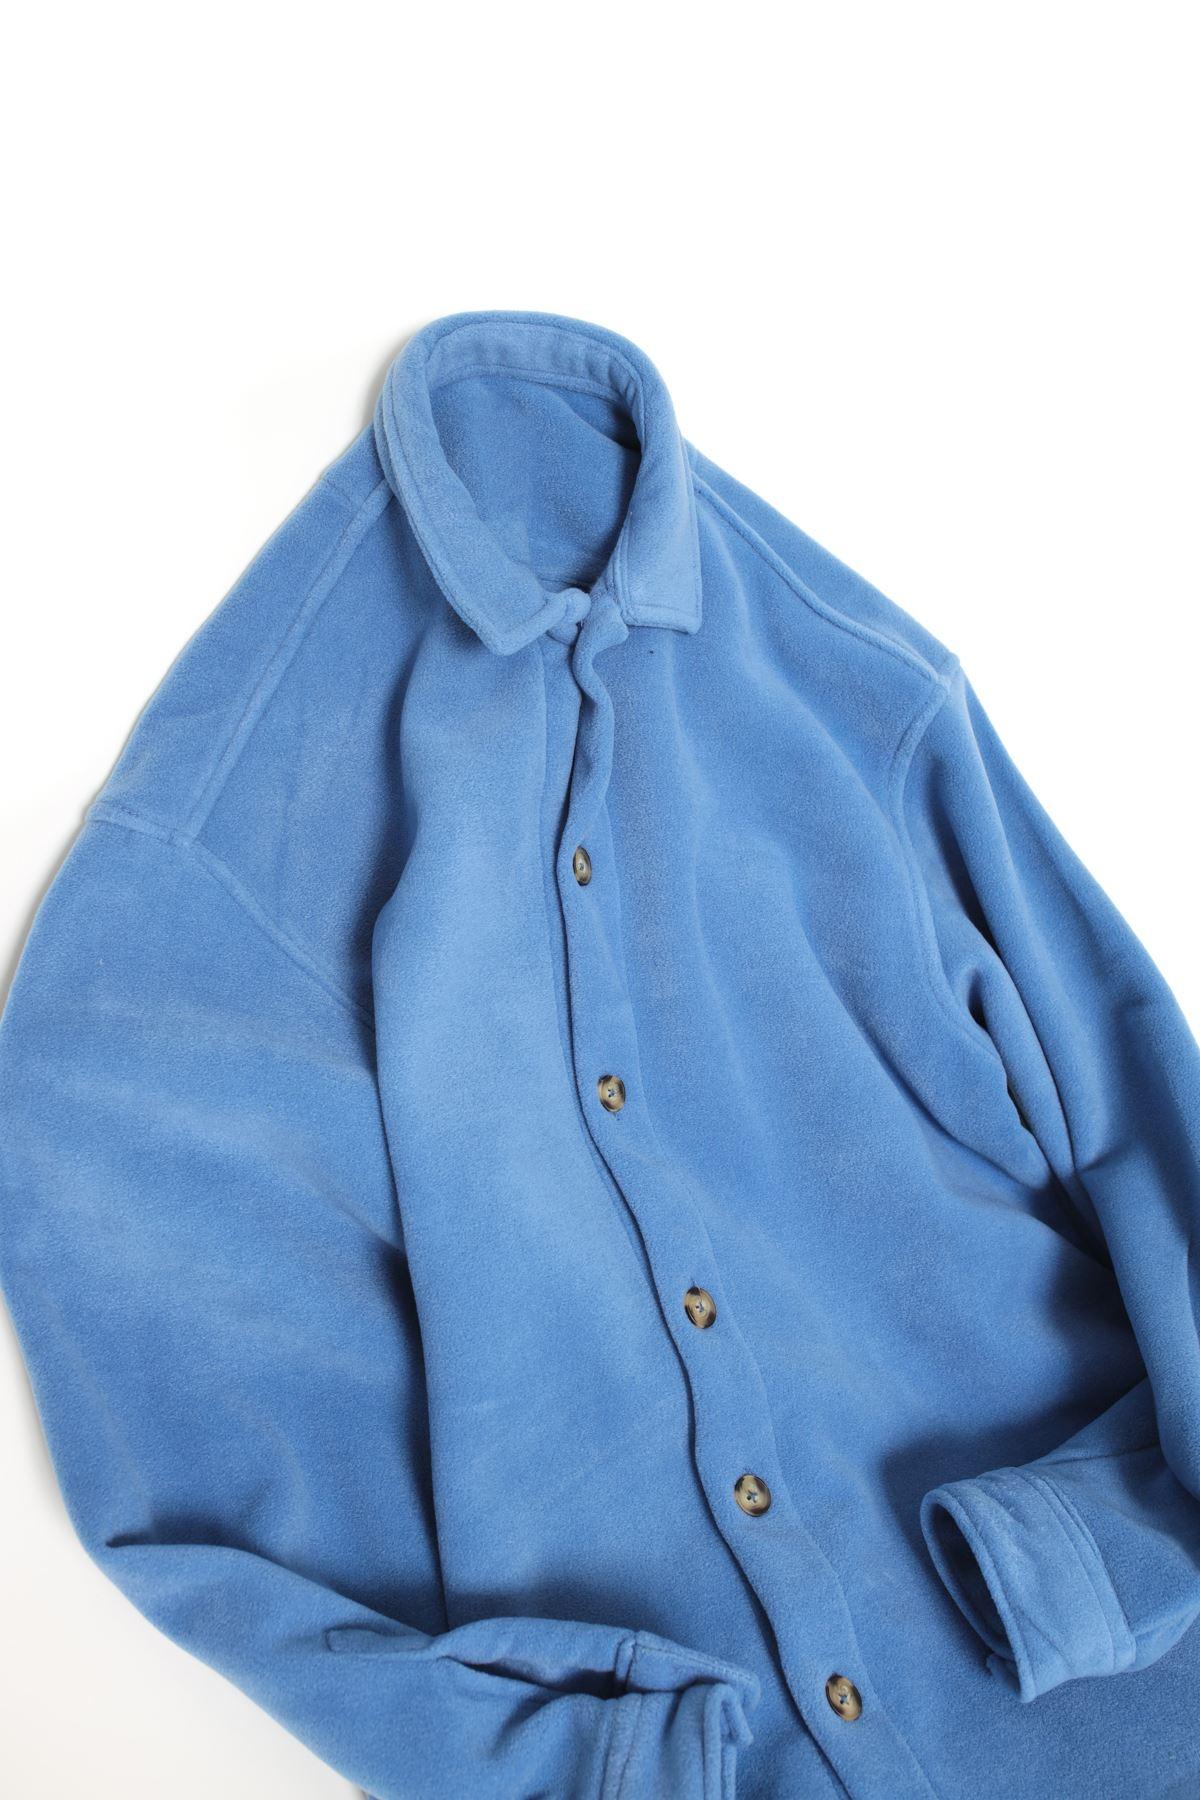 Mavi Polar Gömlek